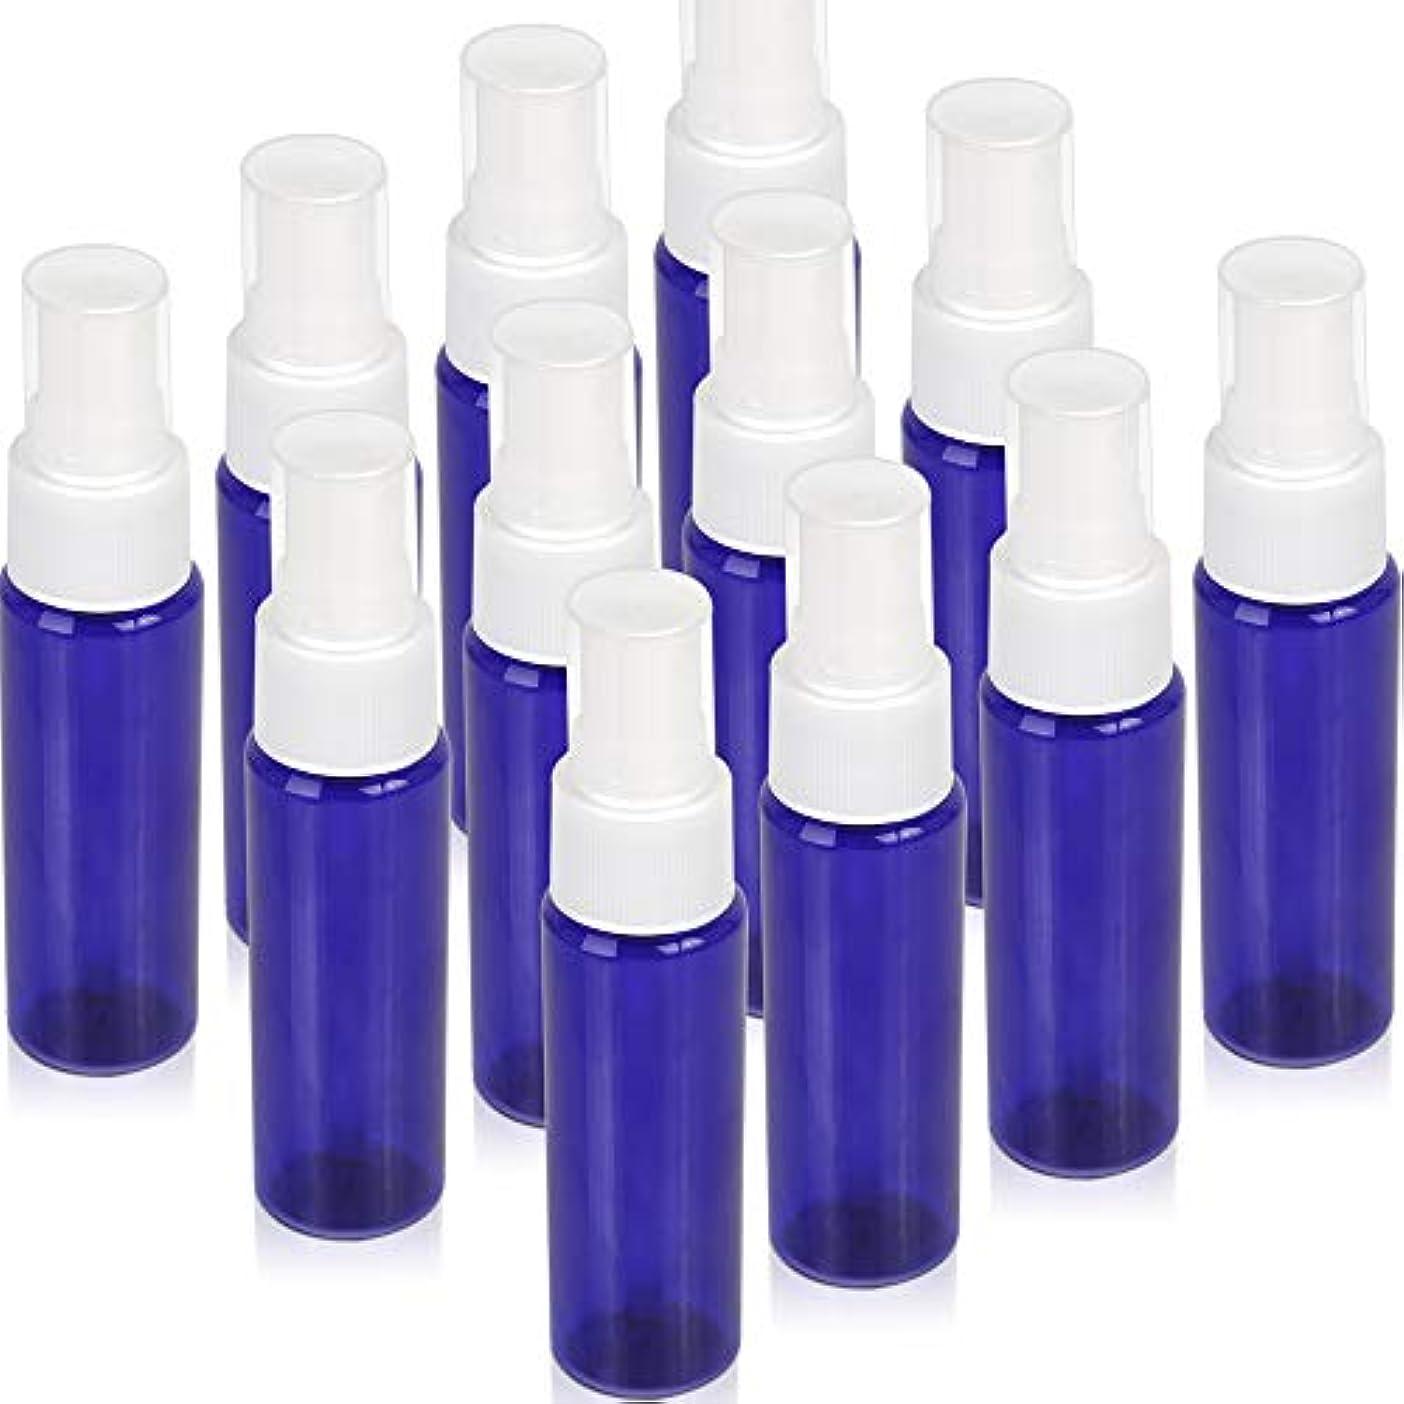 棚アウトドアアフリカ人Teenitor スプレーボトル 30ml 遮光 12本 遮光瓶スプレー スプレー容器 青色 アロマスプレー 香水スプレー 霧吹き アトマイザー 詰め替え容器 キャップ付 PET製